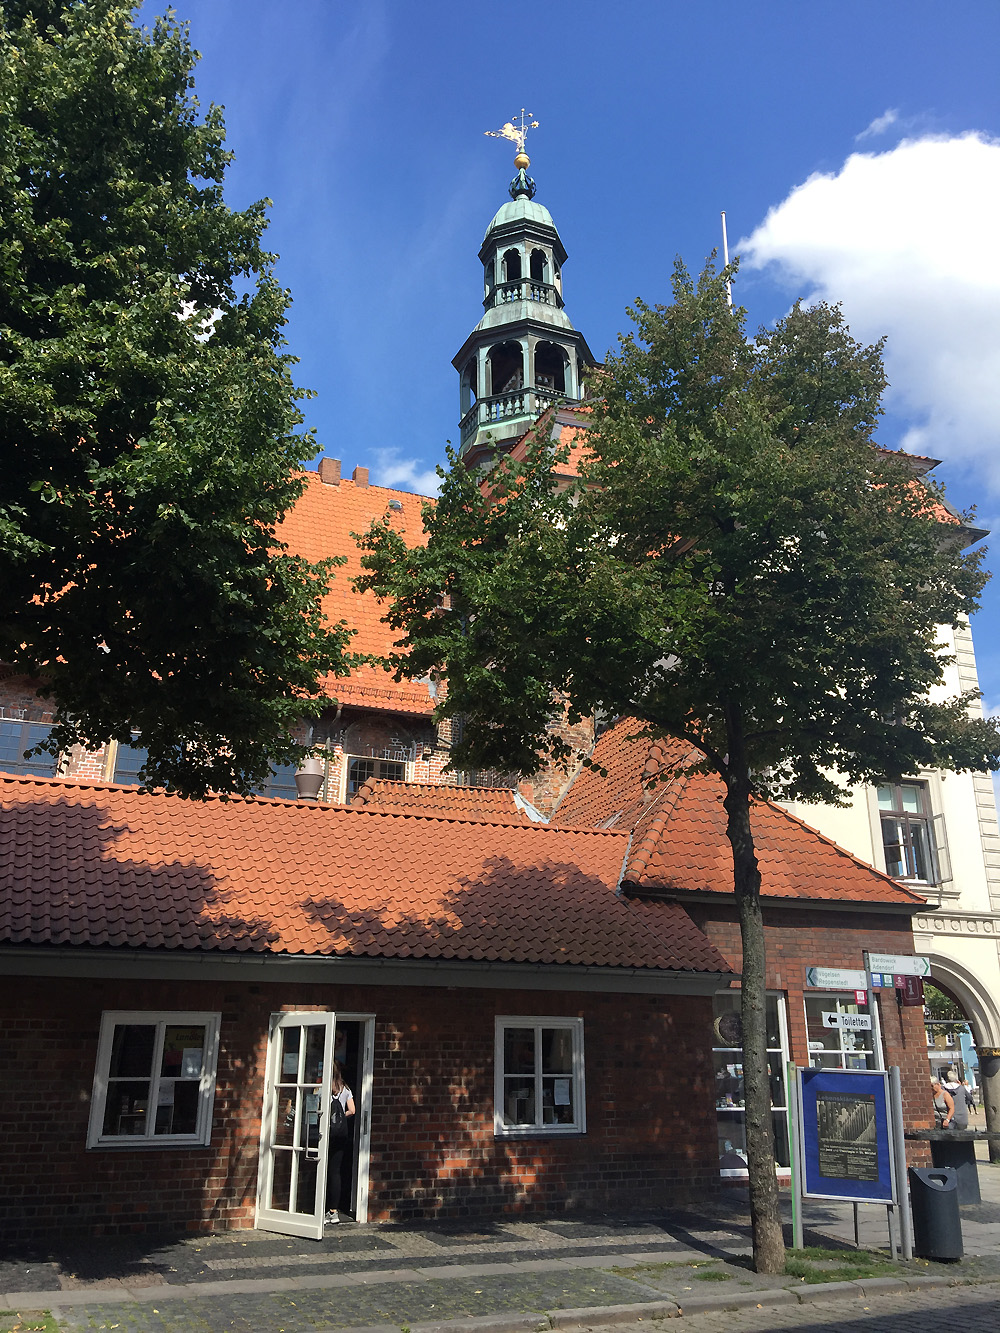 lueneburg-rathaus2